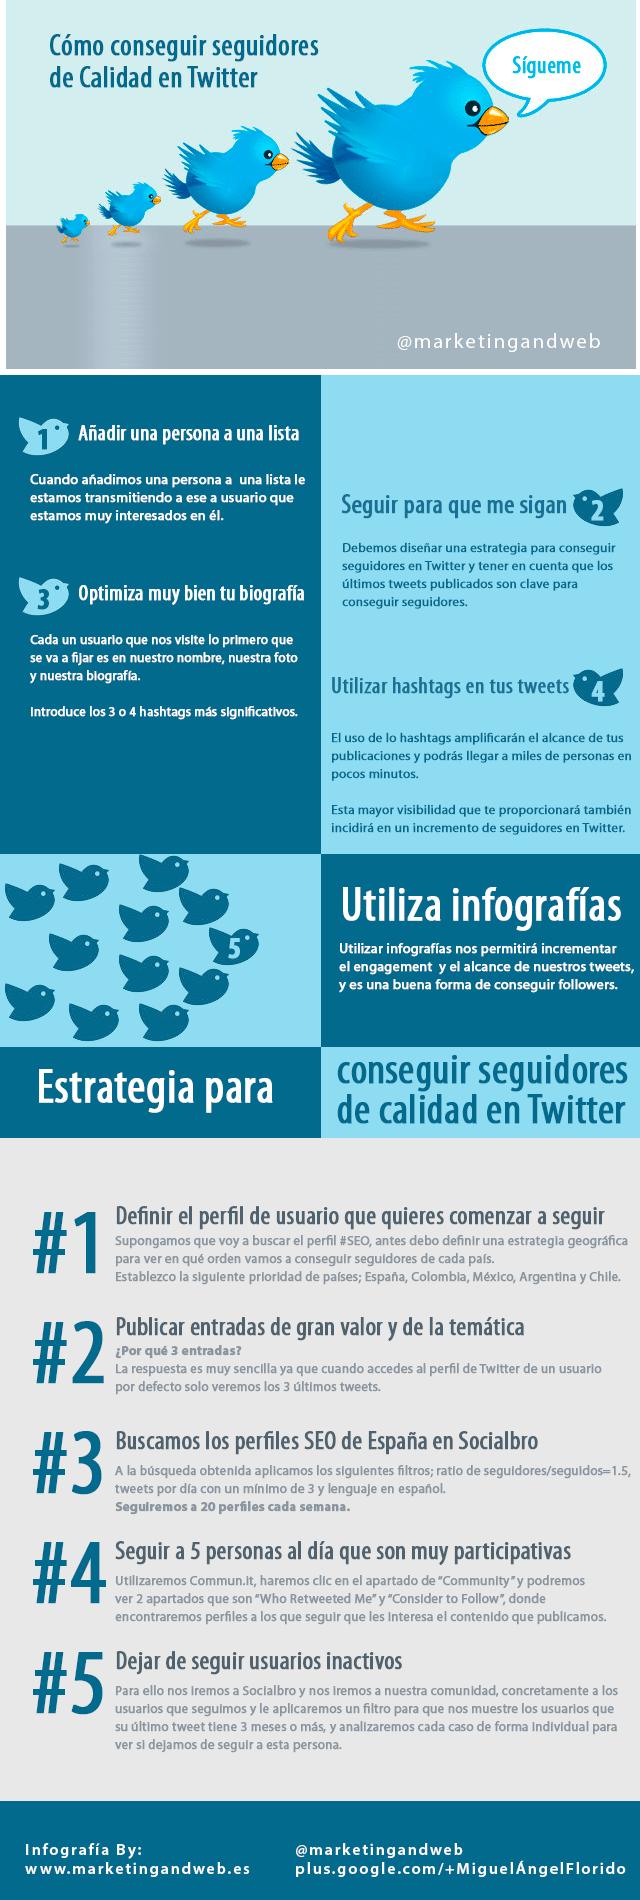 Cómo Conseguir Seguidores De Calidad En Twitter Infografia Infographic Socialmedia Tics Y Formación Redes De Comunicacion Redes Sociales Medios Sociales